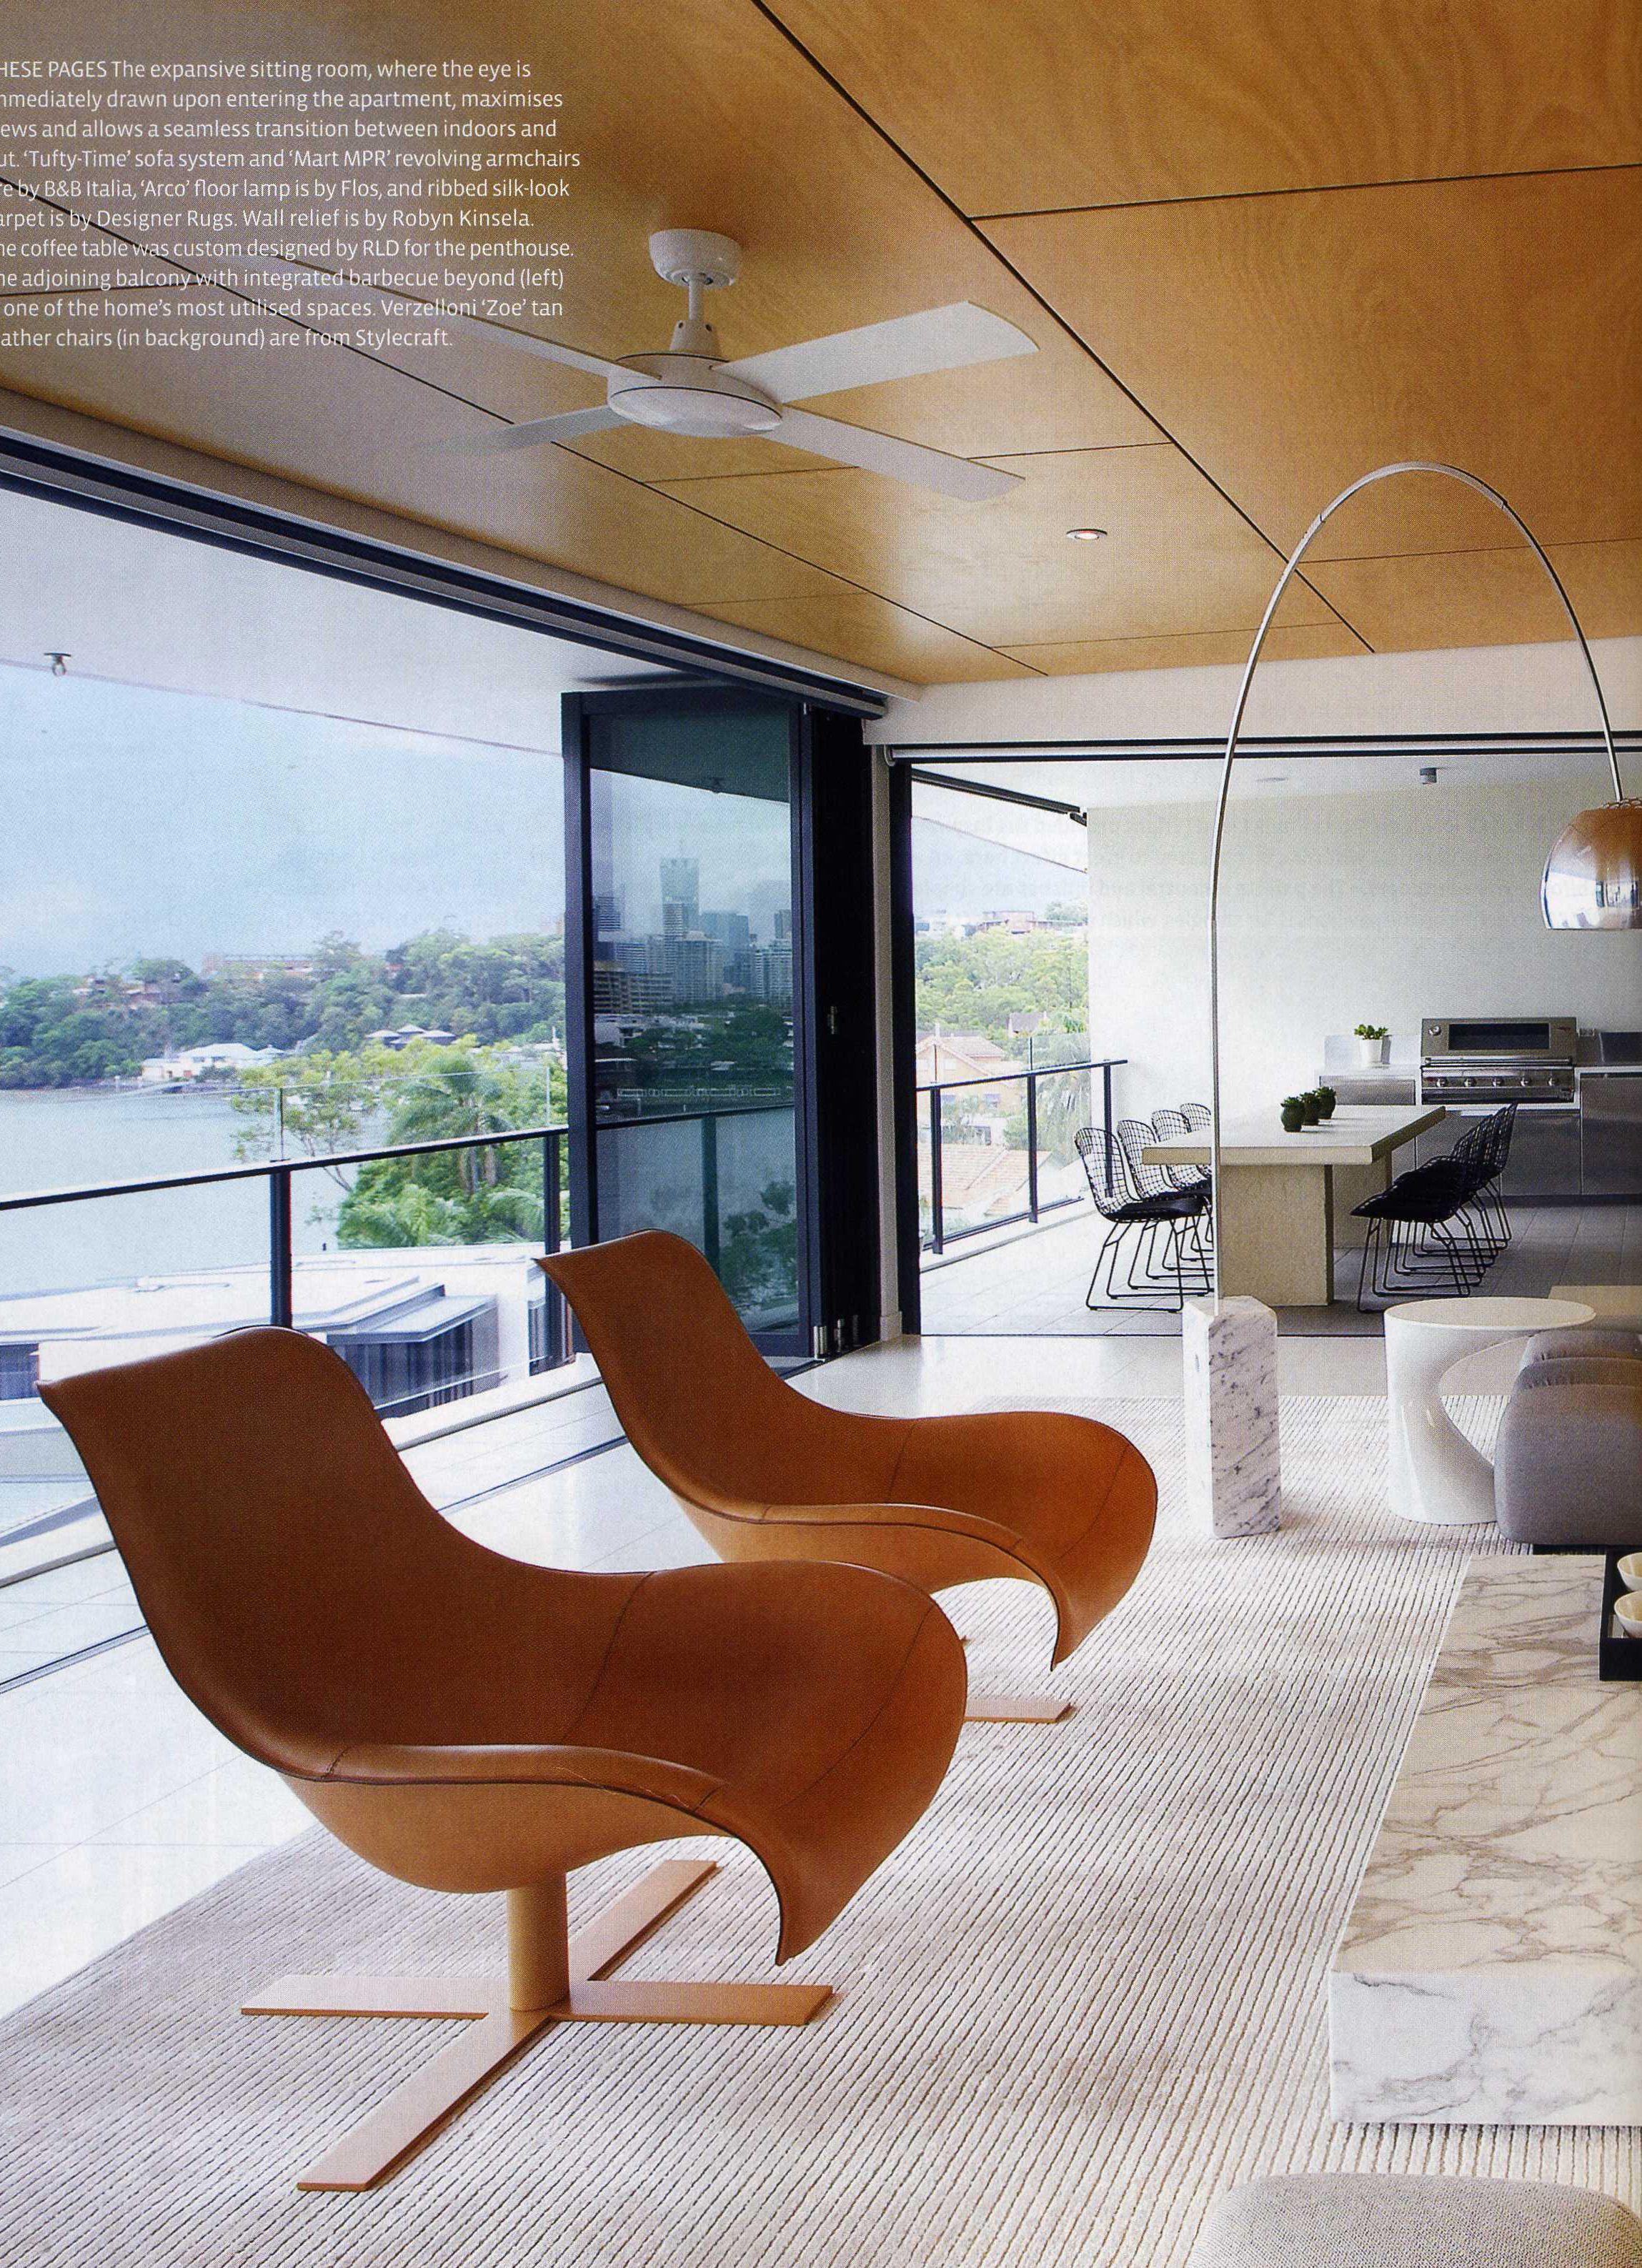 Mart Armchair Chair Via B B Italia Cool Furniture Furniture Chair